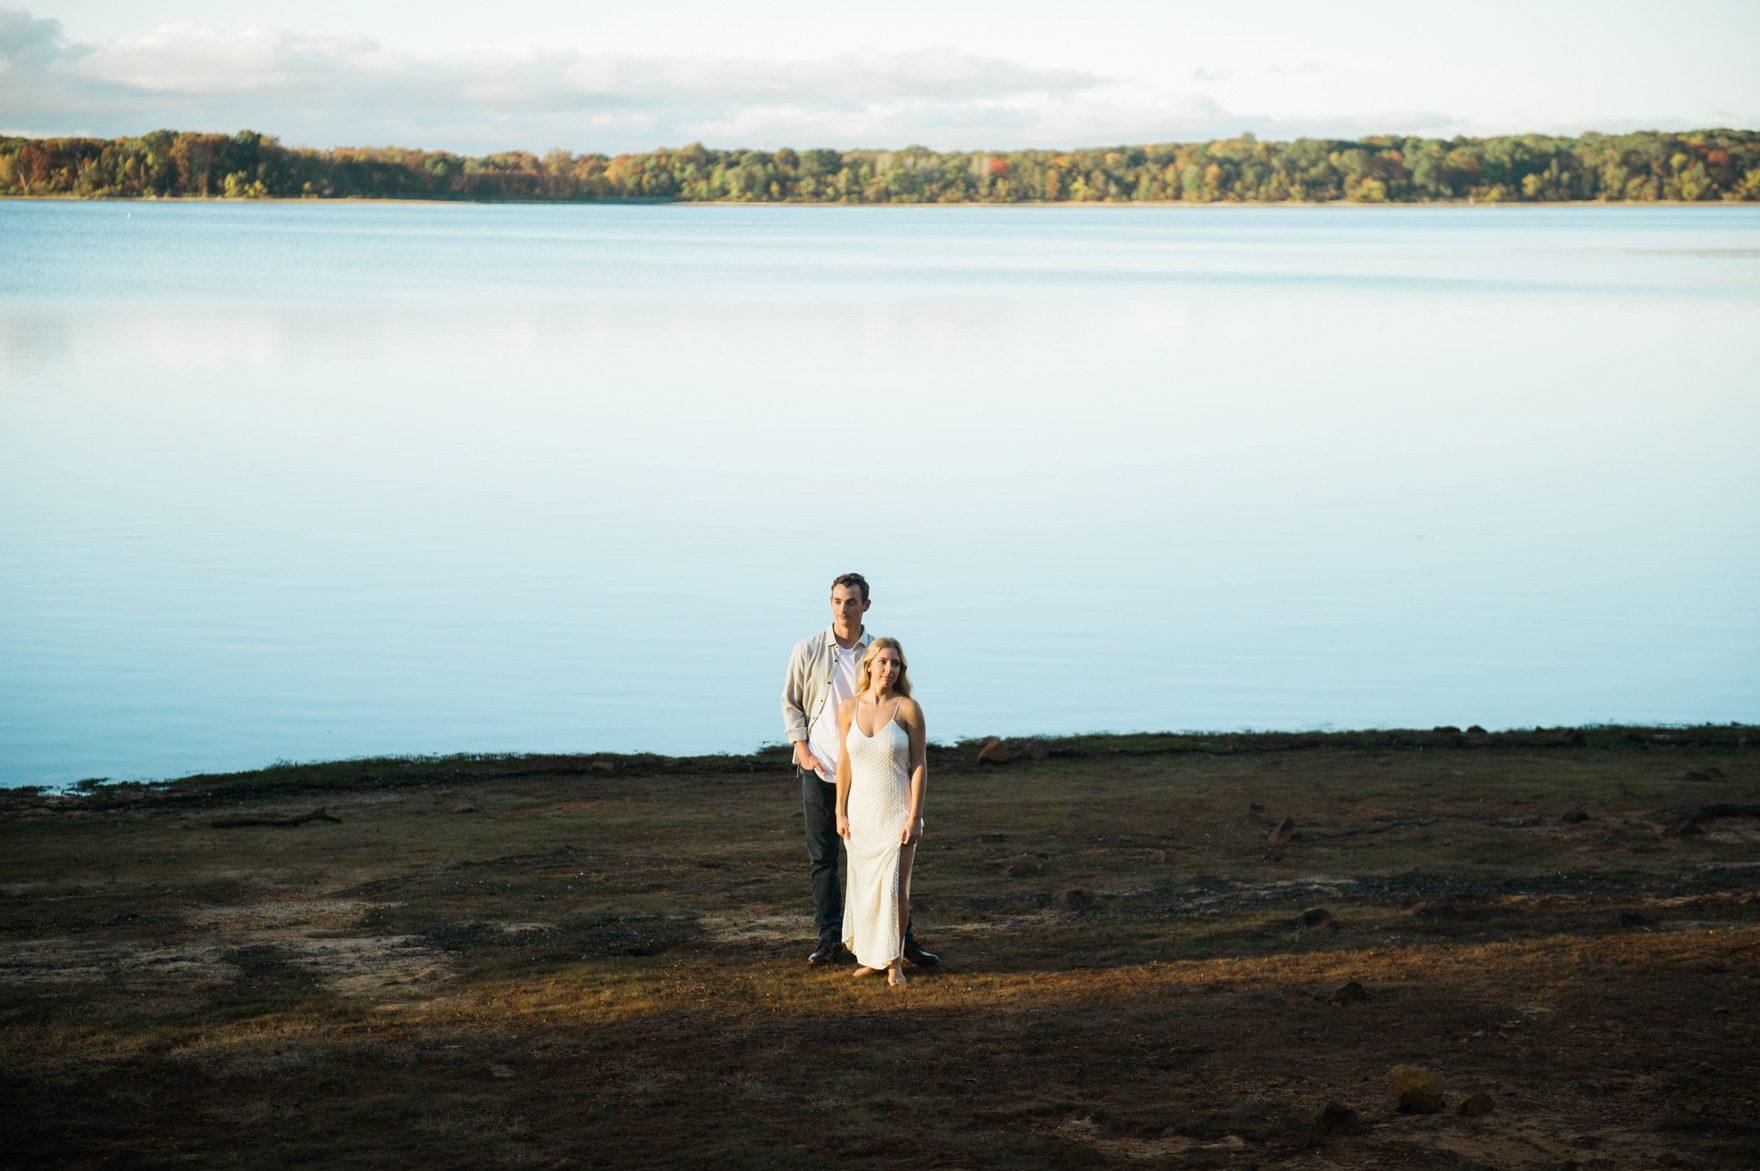 California-Destination-wedding-photographer-Christina-Lilly-017